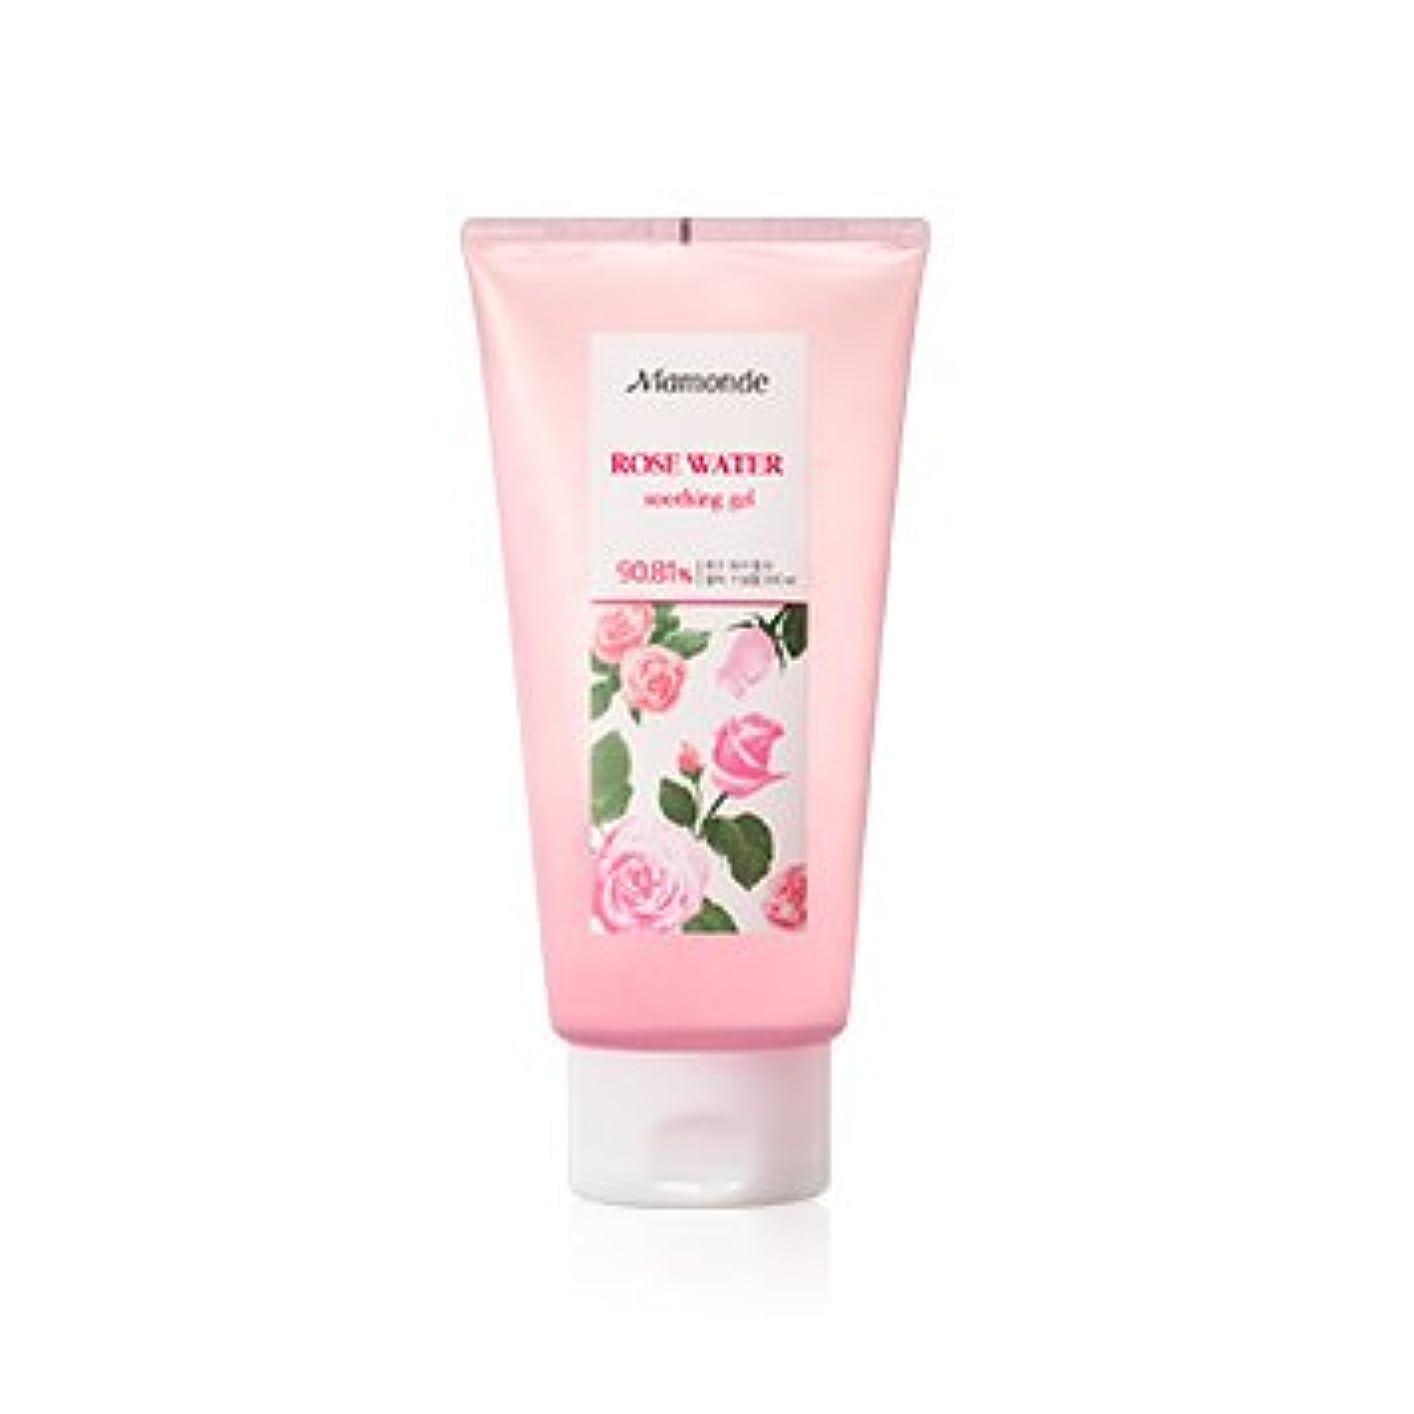 性交混雑判決Mamonde Rose Water Soothing Gel 300ml/マモンド ローズ ウォーター スージング ジェル 300ml [並行輸入品]